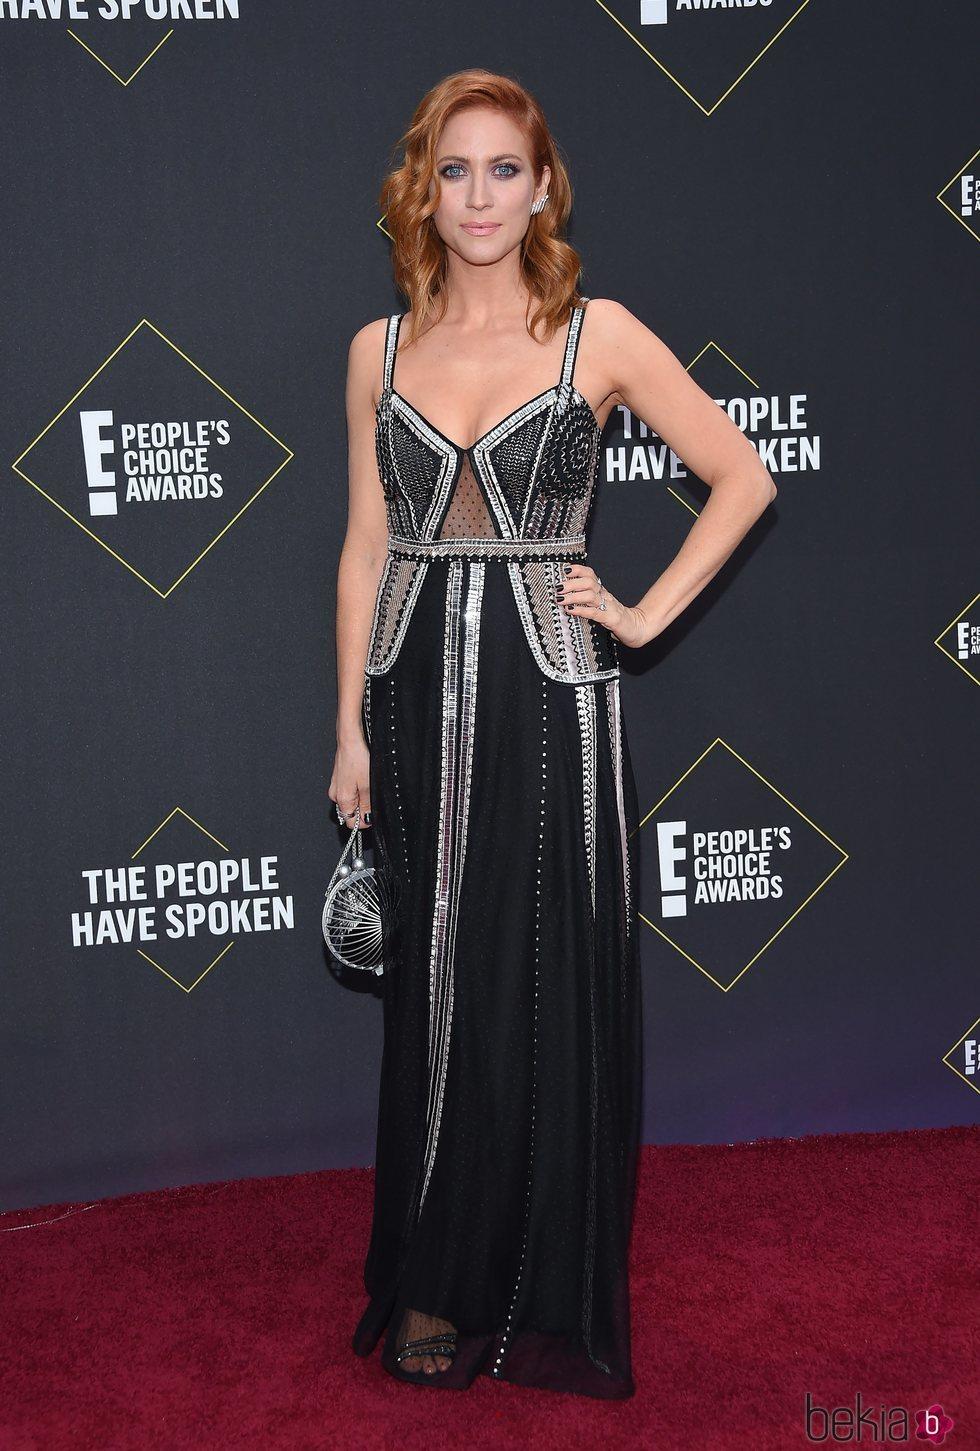 Brittany Snow en la alfombra roja de los People's Choice Awards 2019